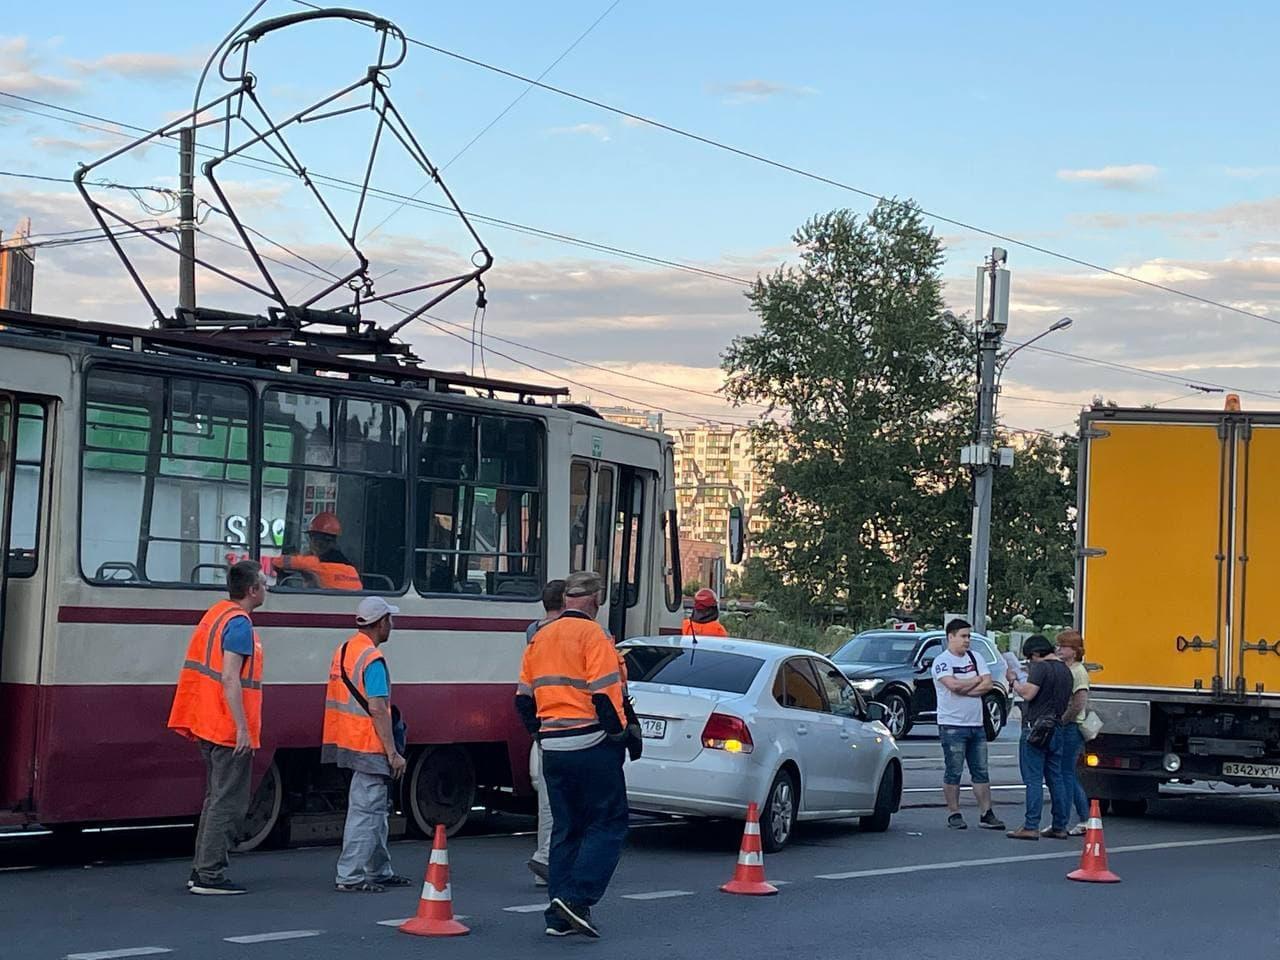 На Солидарности 25 к.1, volkswagen неудачно развернулся. Спасать трамвай прибыла аварийная бригада.